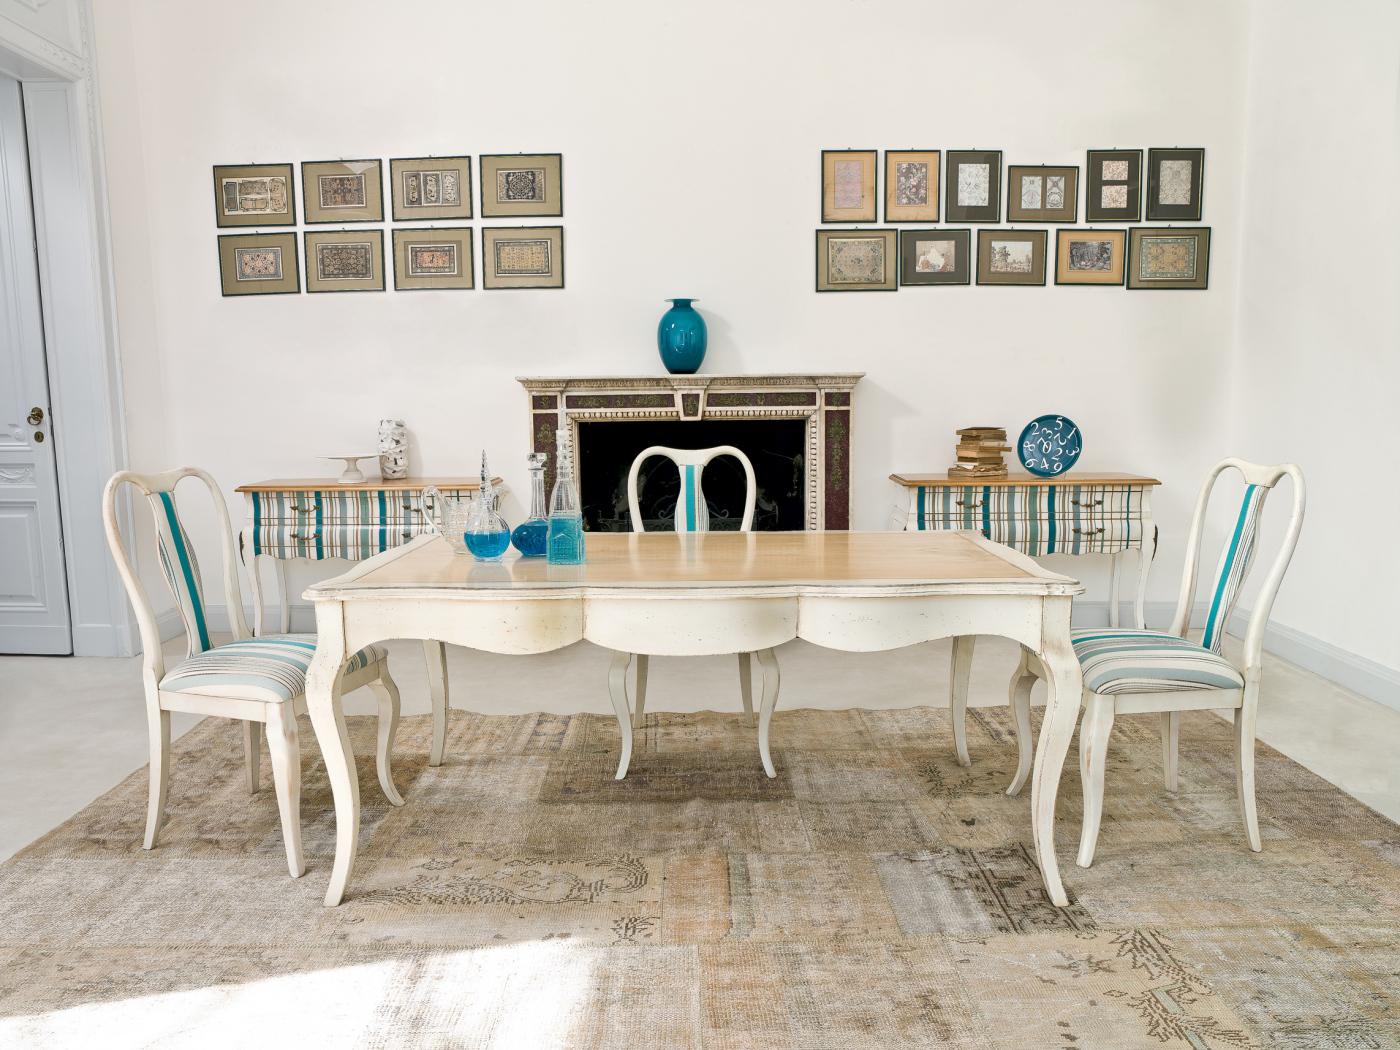 Mobili classici tutto l 39 arredo per la vostra casa in stile classico firmato tonin casa - Casa stile classico ...